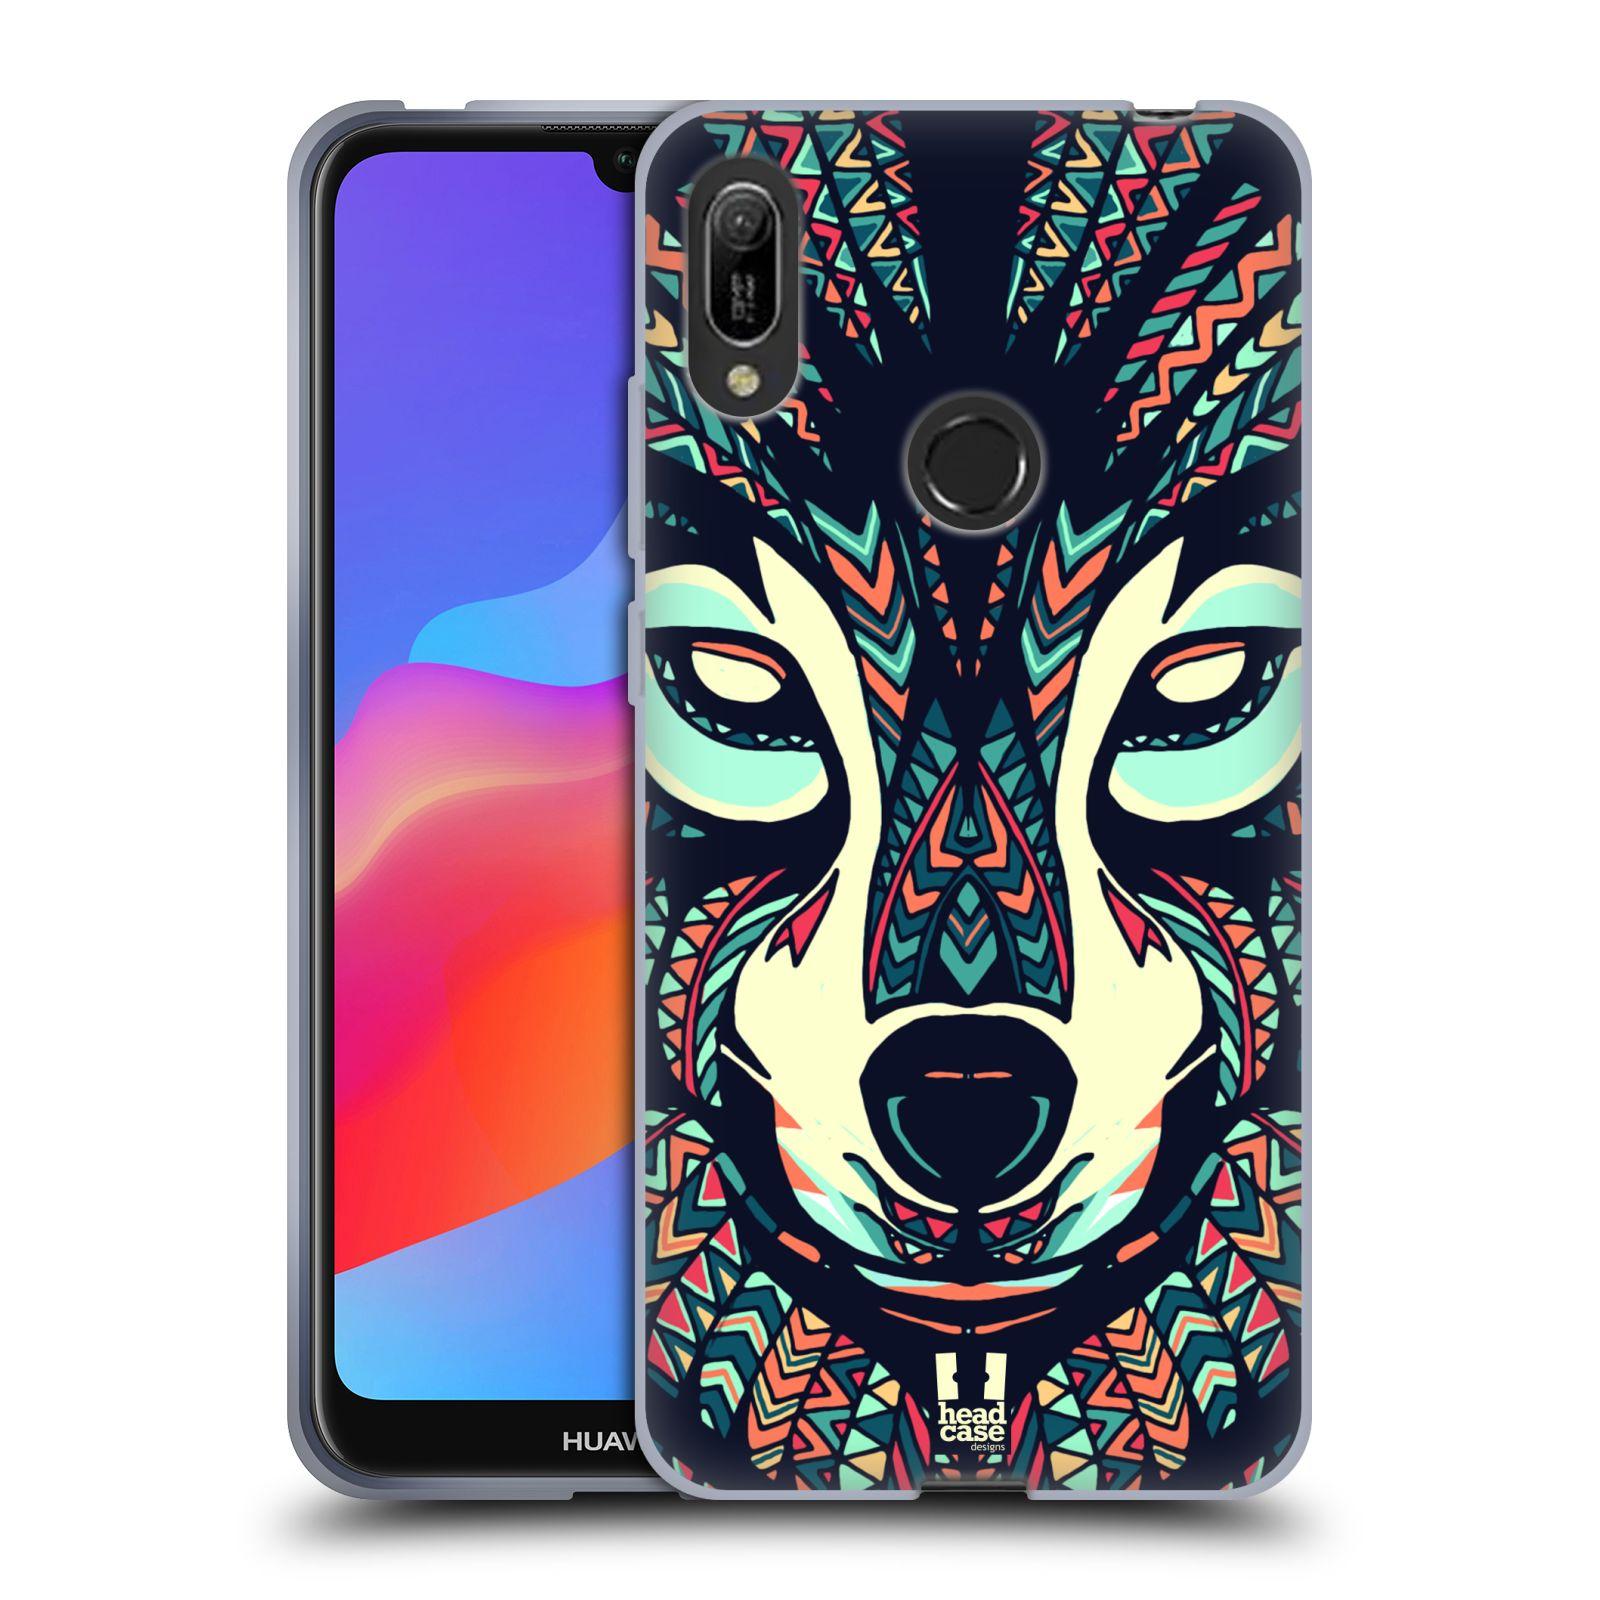 Silikonové pouzdro na mobil Huawei Y6 (2019) - Head Case - AZTEC VLK